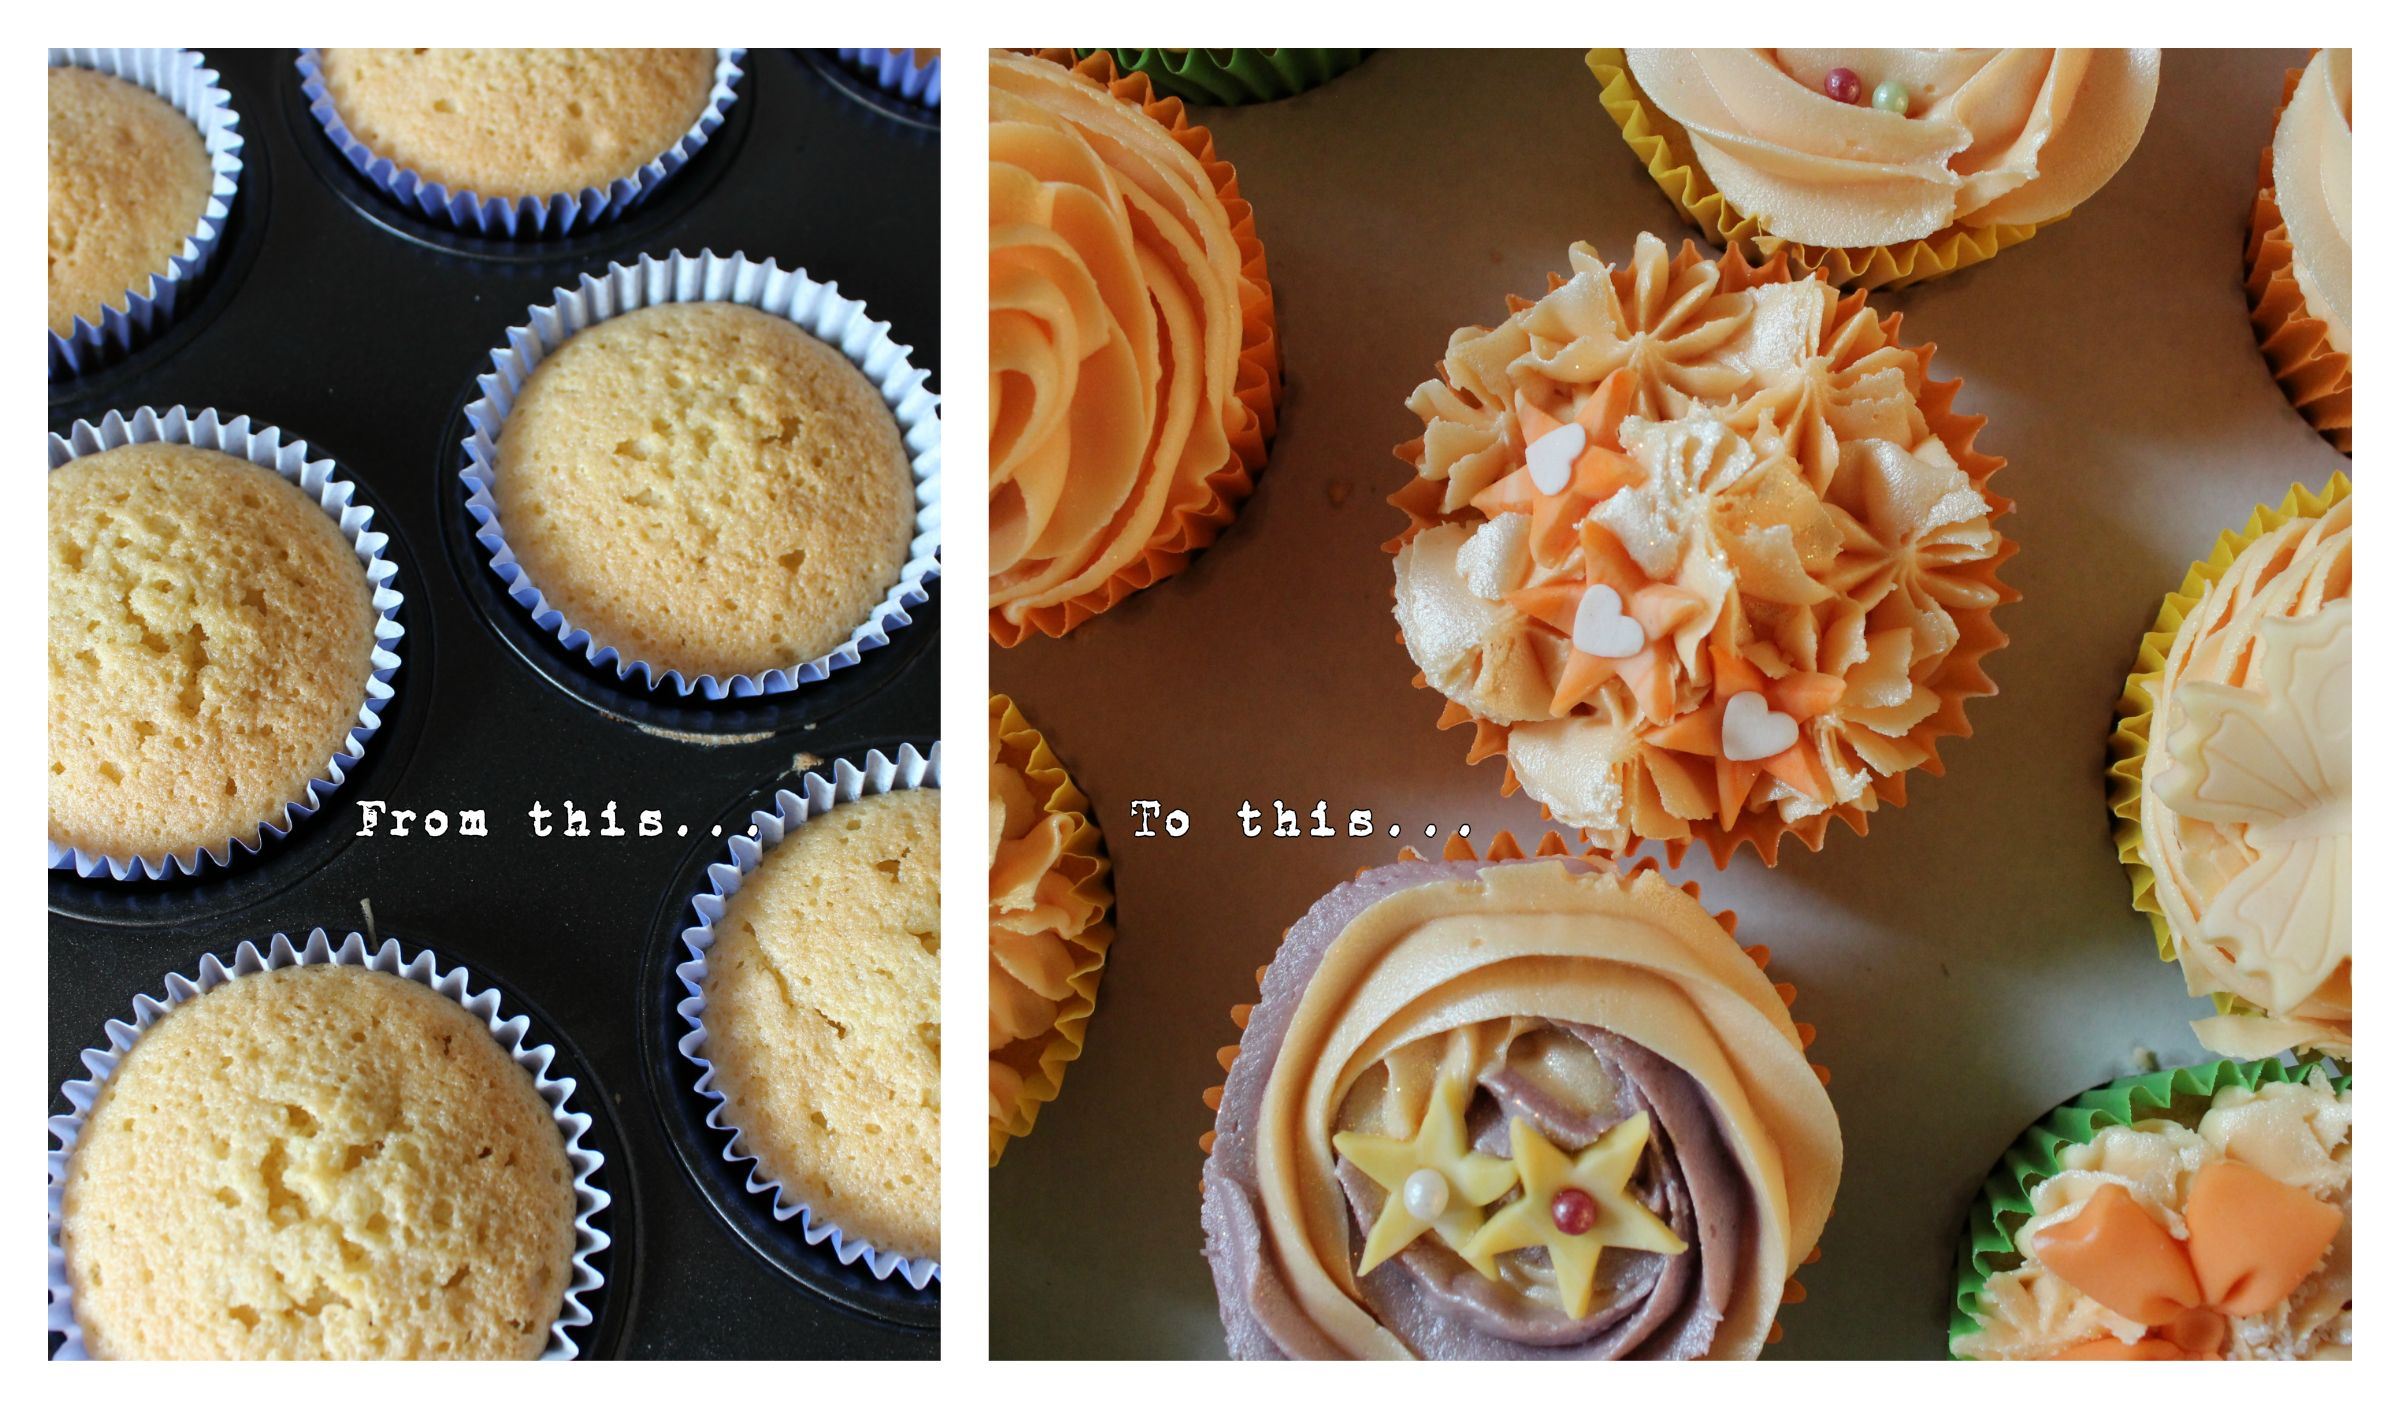 cupcakebefunkyfromthis.jpg